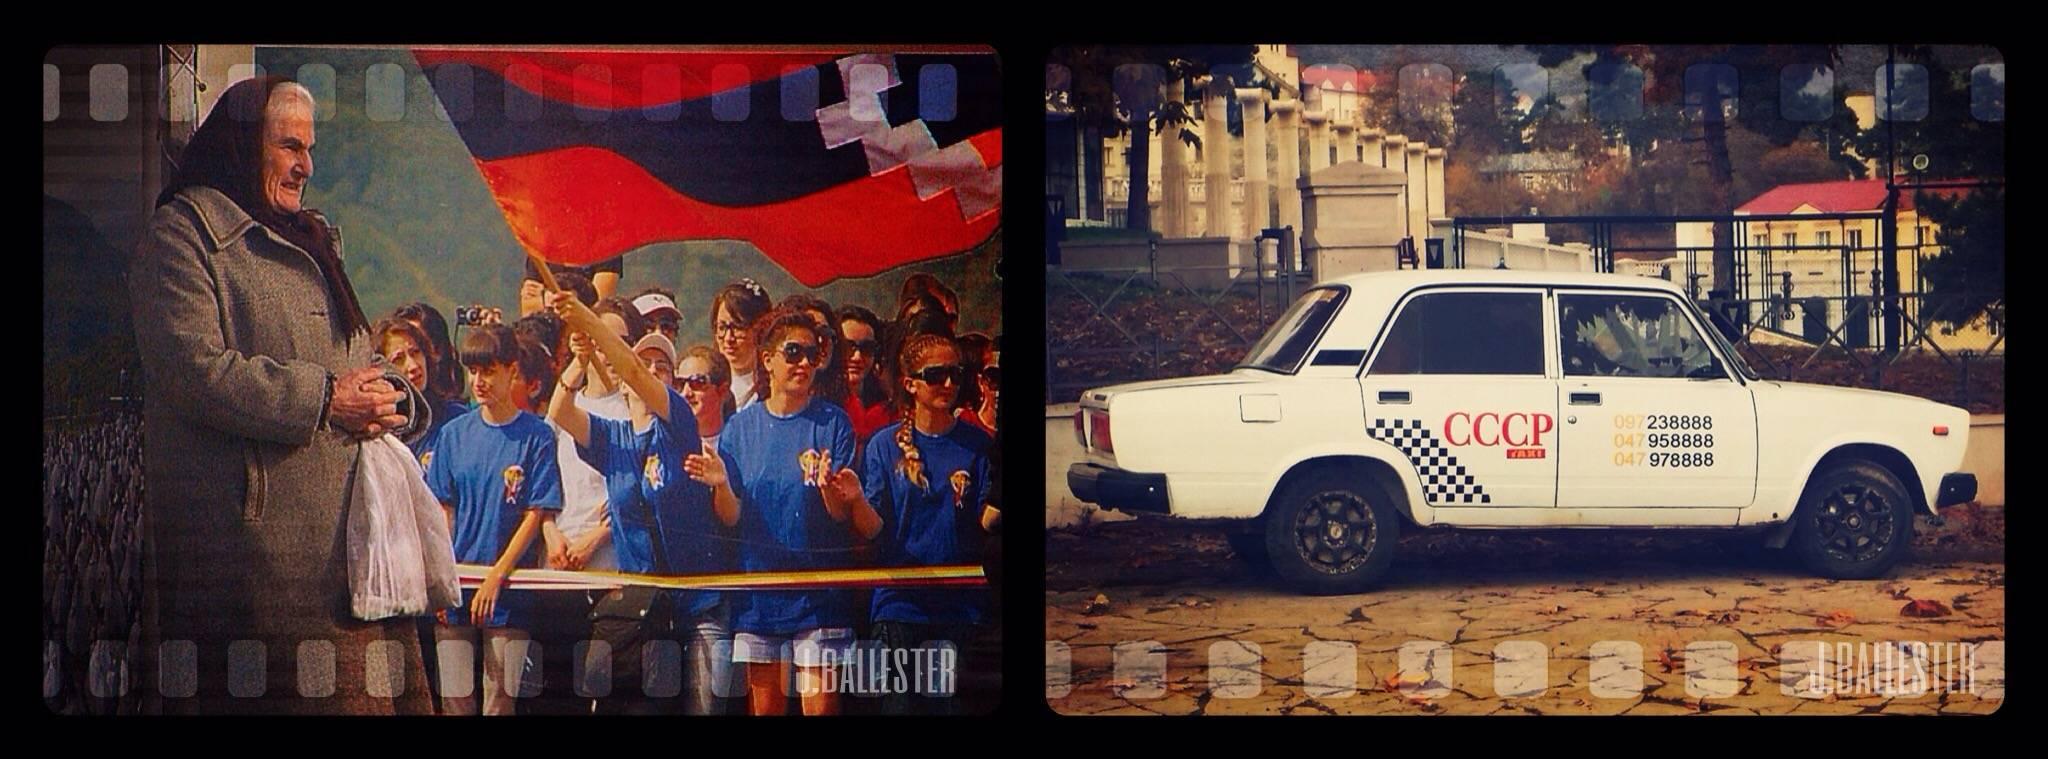 Los símbolos de exaltación nacional forman parte del paisaje habitual de Nagorno/ taxi que sigue con el indicativo de la antigua URSS.